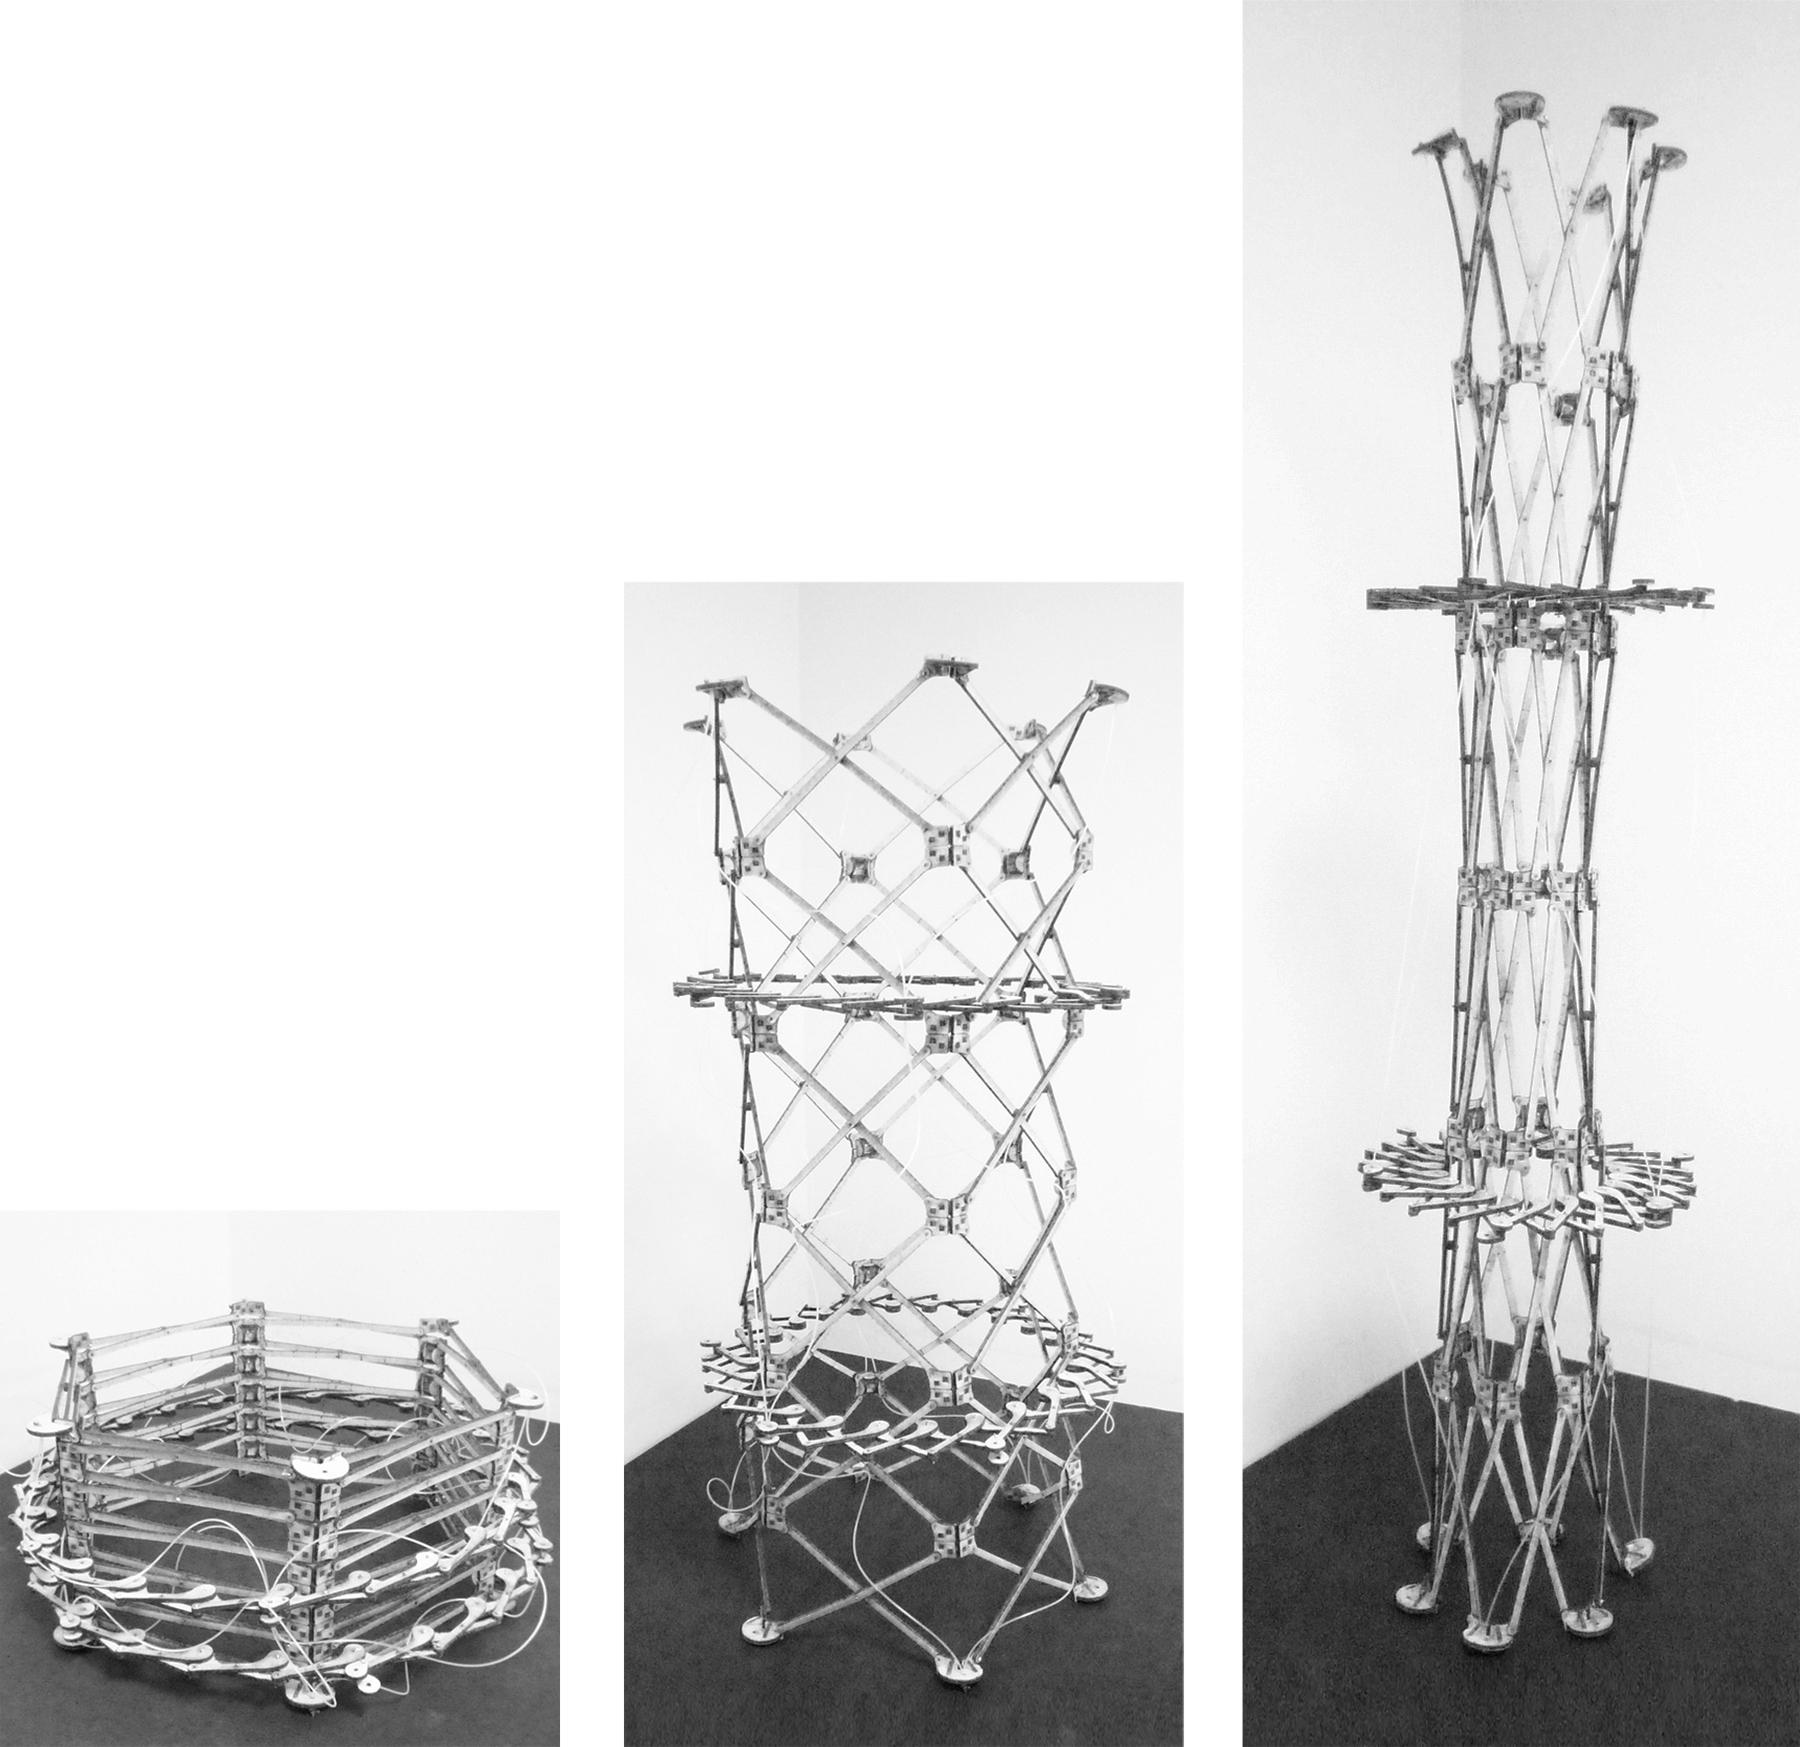 Deployable Structures | EVA JERMYN